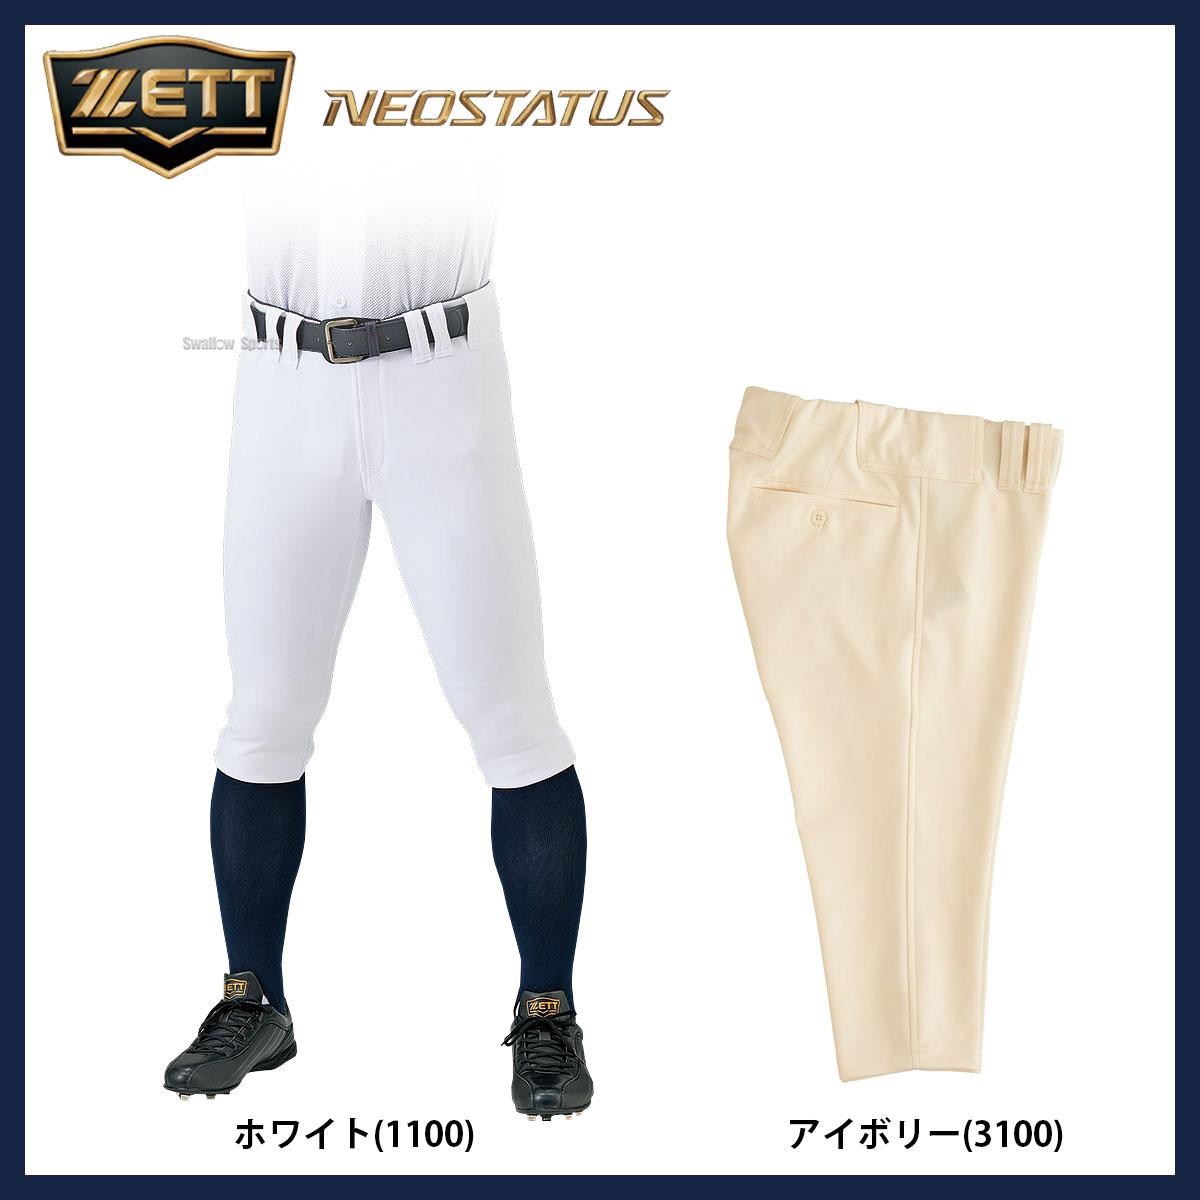 【あす楽対応】 ゼット ZETT ネオステイタス ユニフォーム ショート パンツ BU802CP ウエア ウェア 野球用品 スワロースポーツ 【Sale】